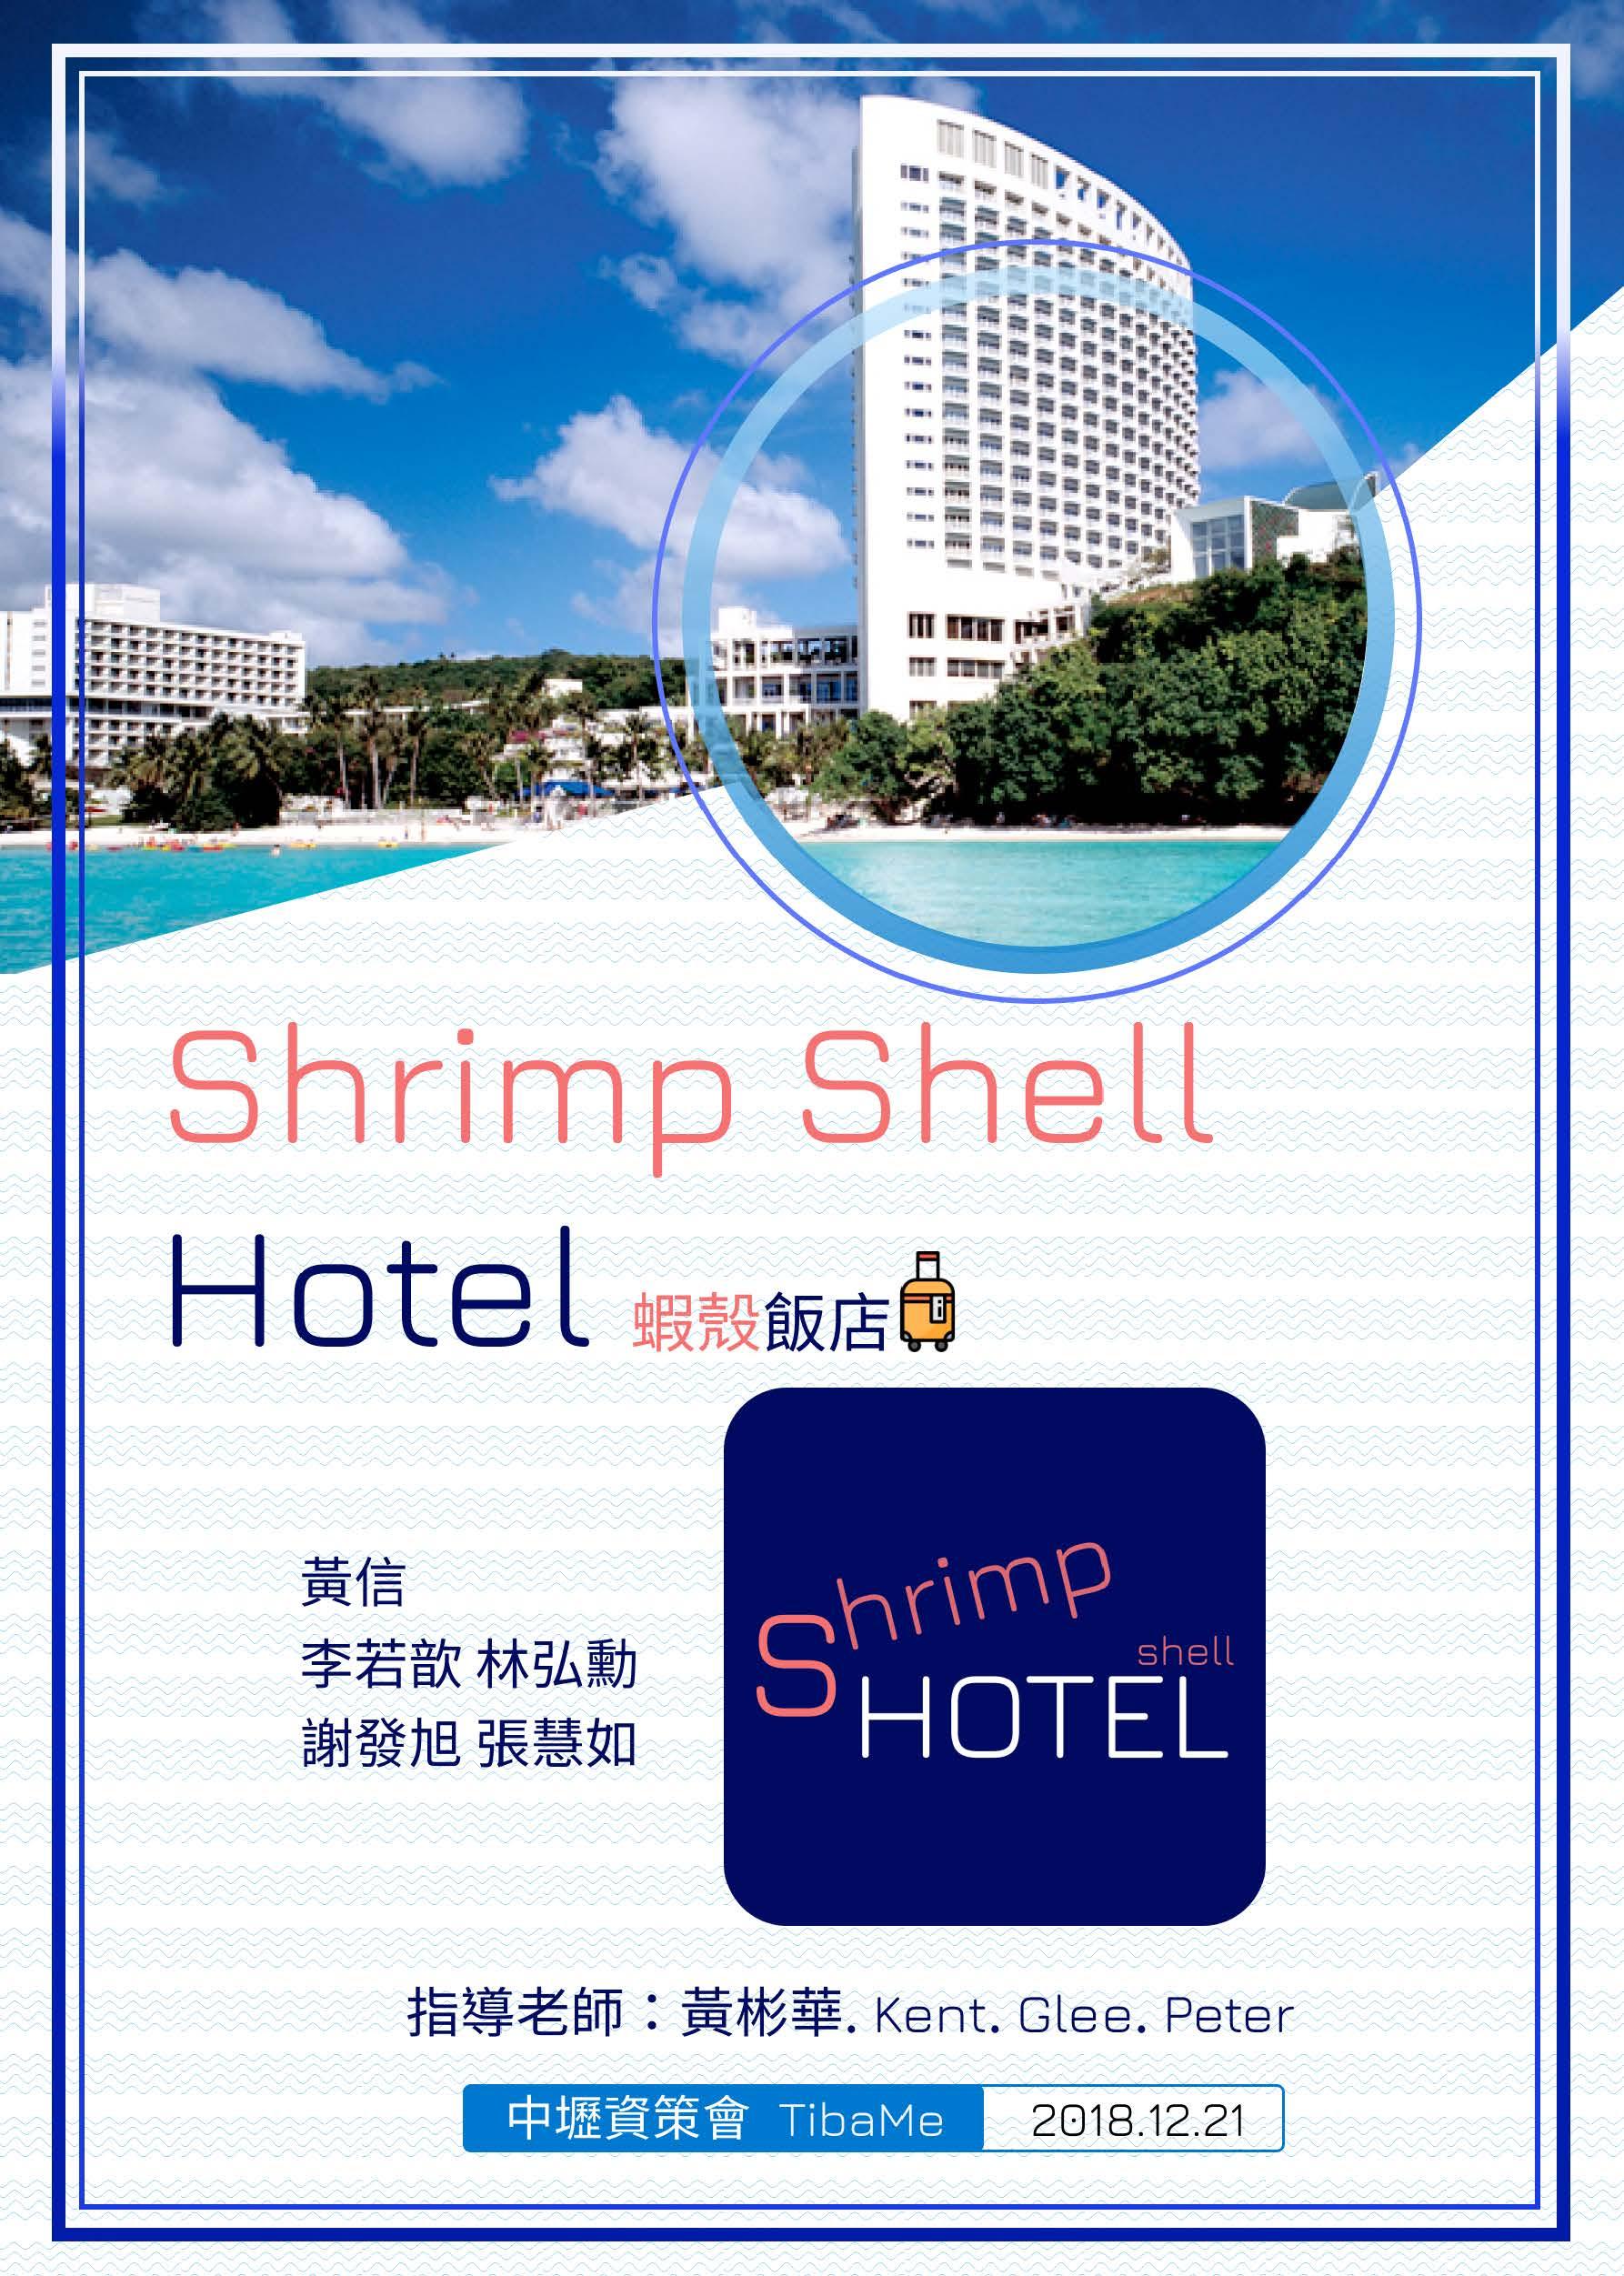 TibaMe_App班_第二組_ShrimpShellHotel(蝦殼飯店)